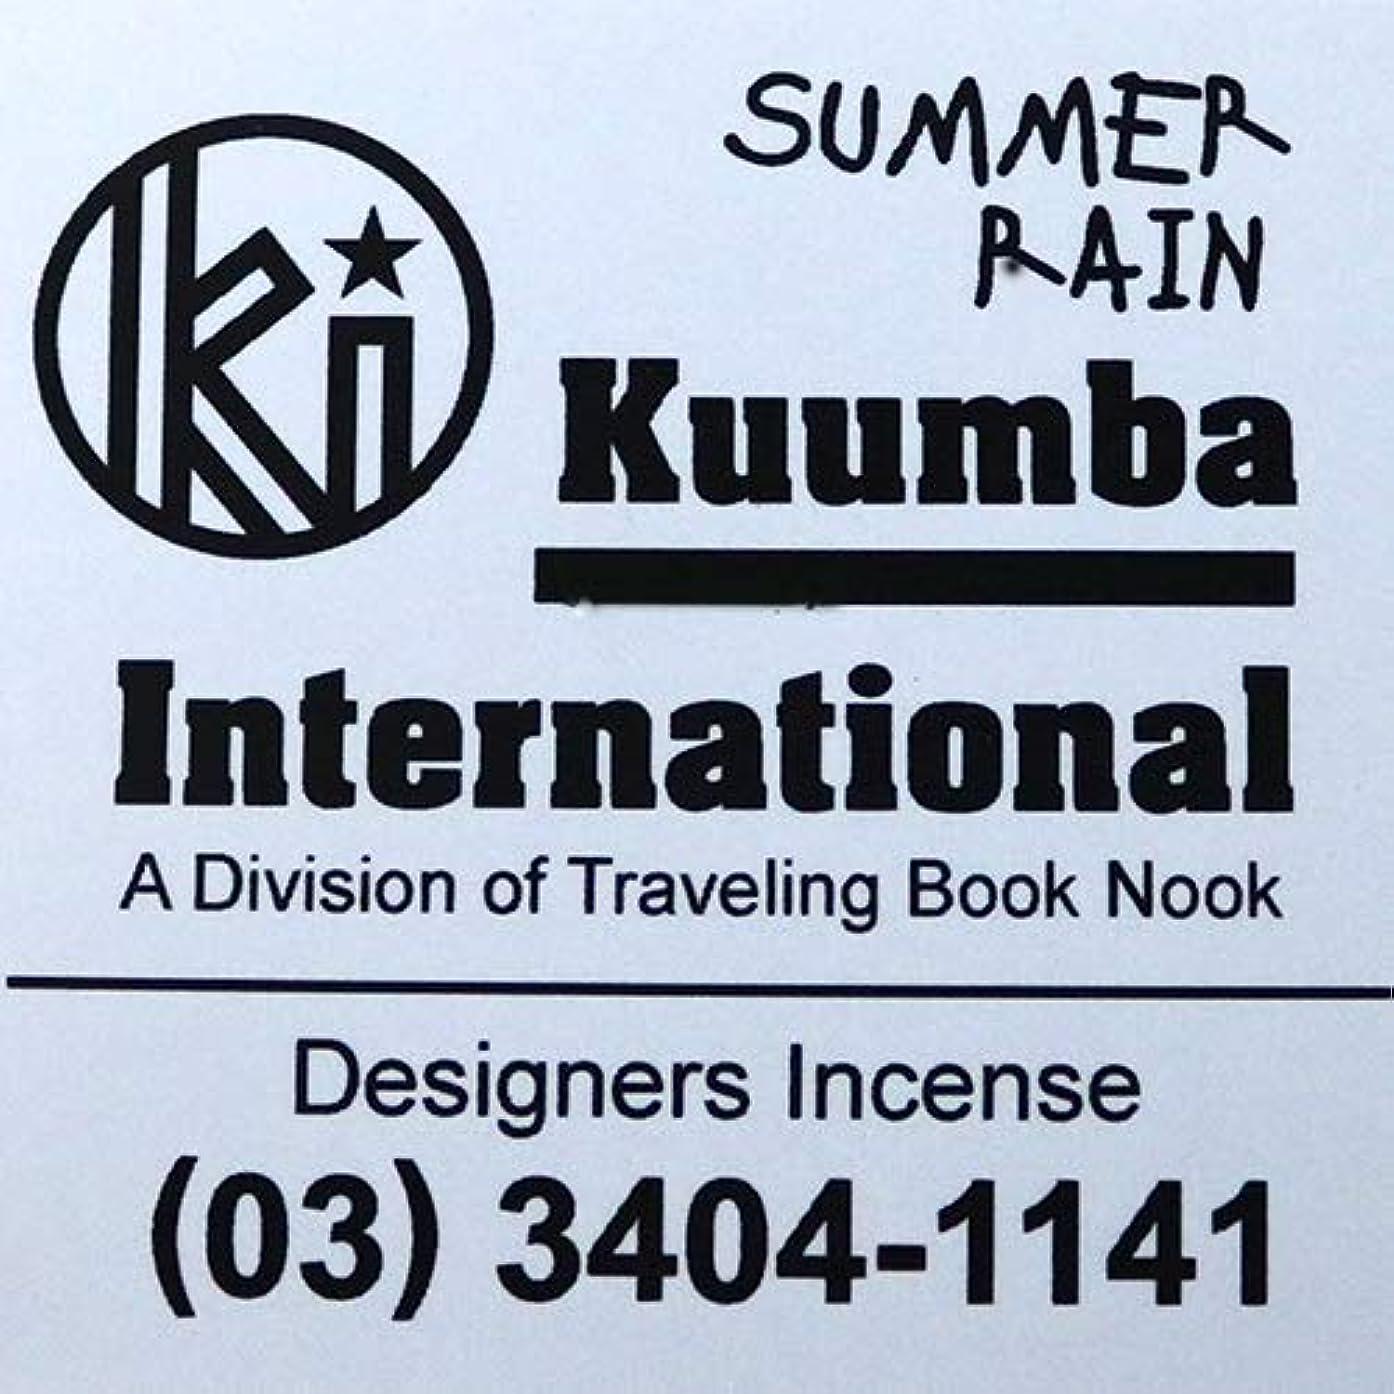 (クンバ) KUUMBA『incense』(SUMMER RAIN) (SUMMER RAIN, Regular size)